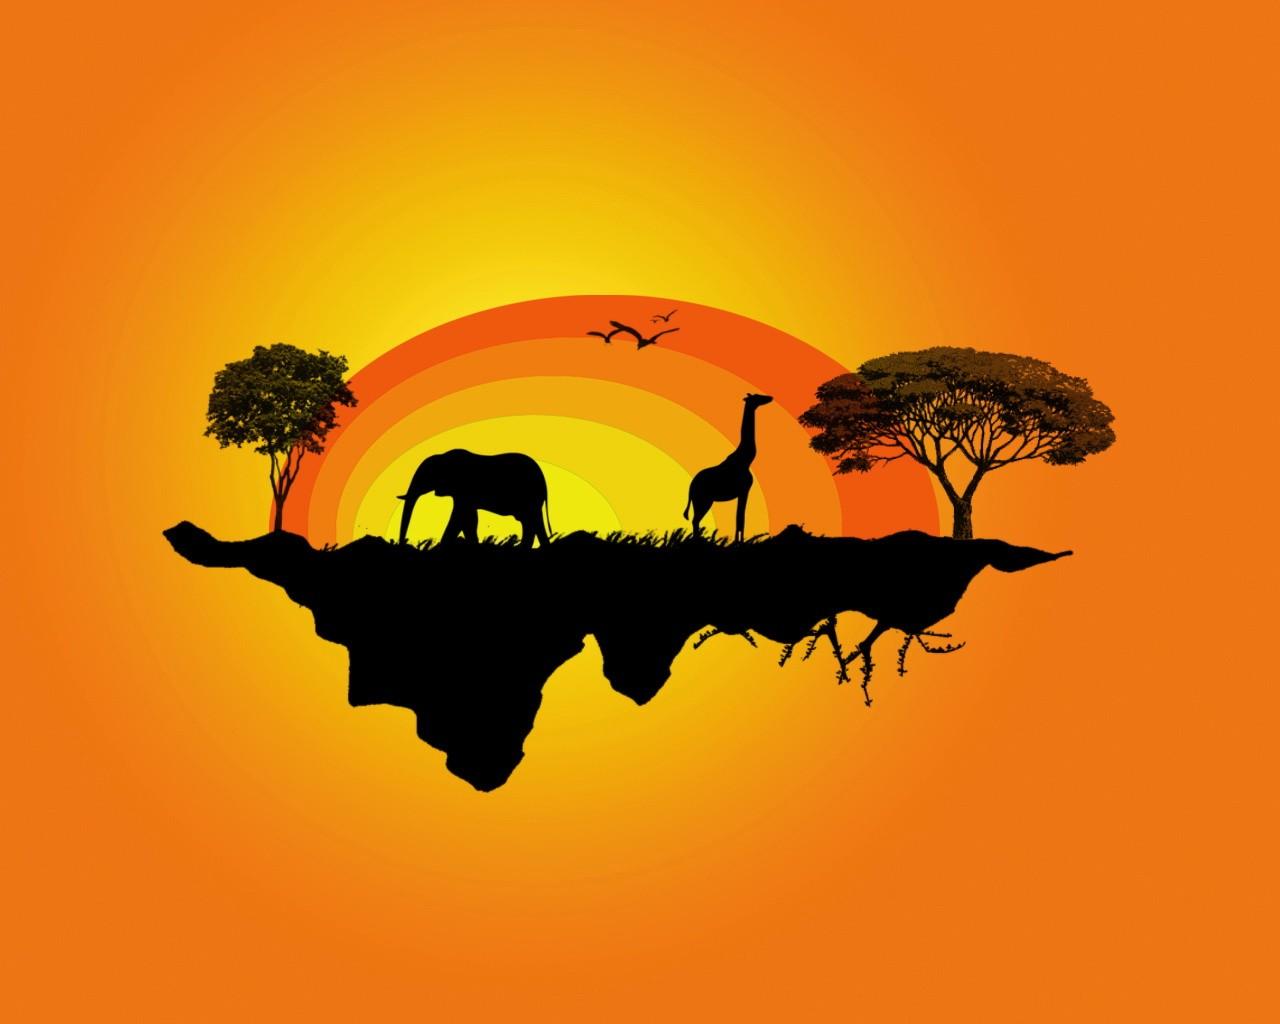 картинка с надписью африка разница том, что